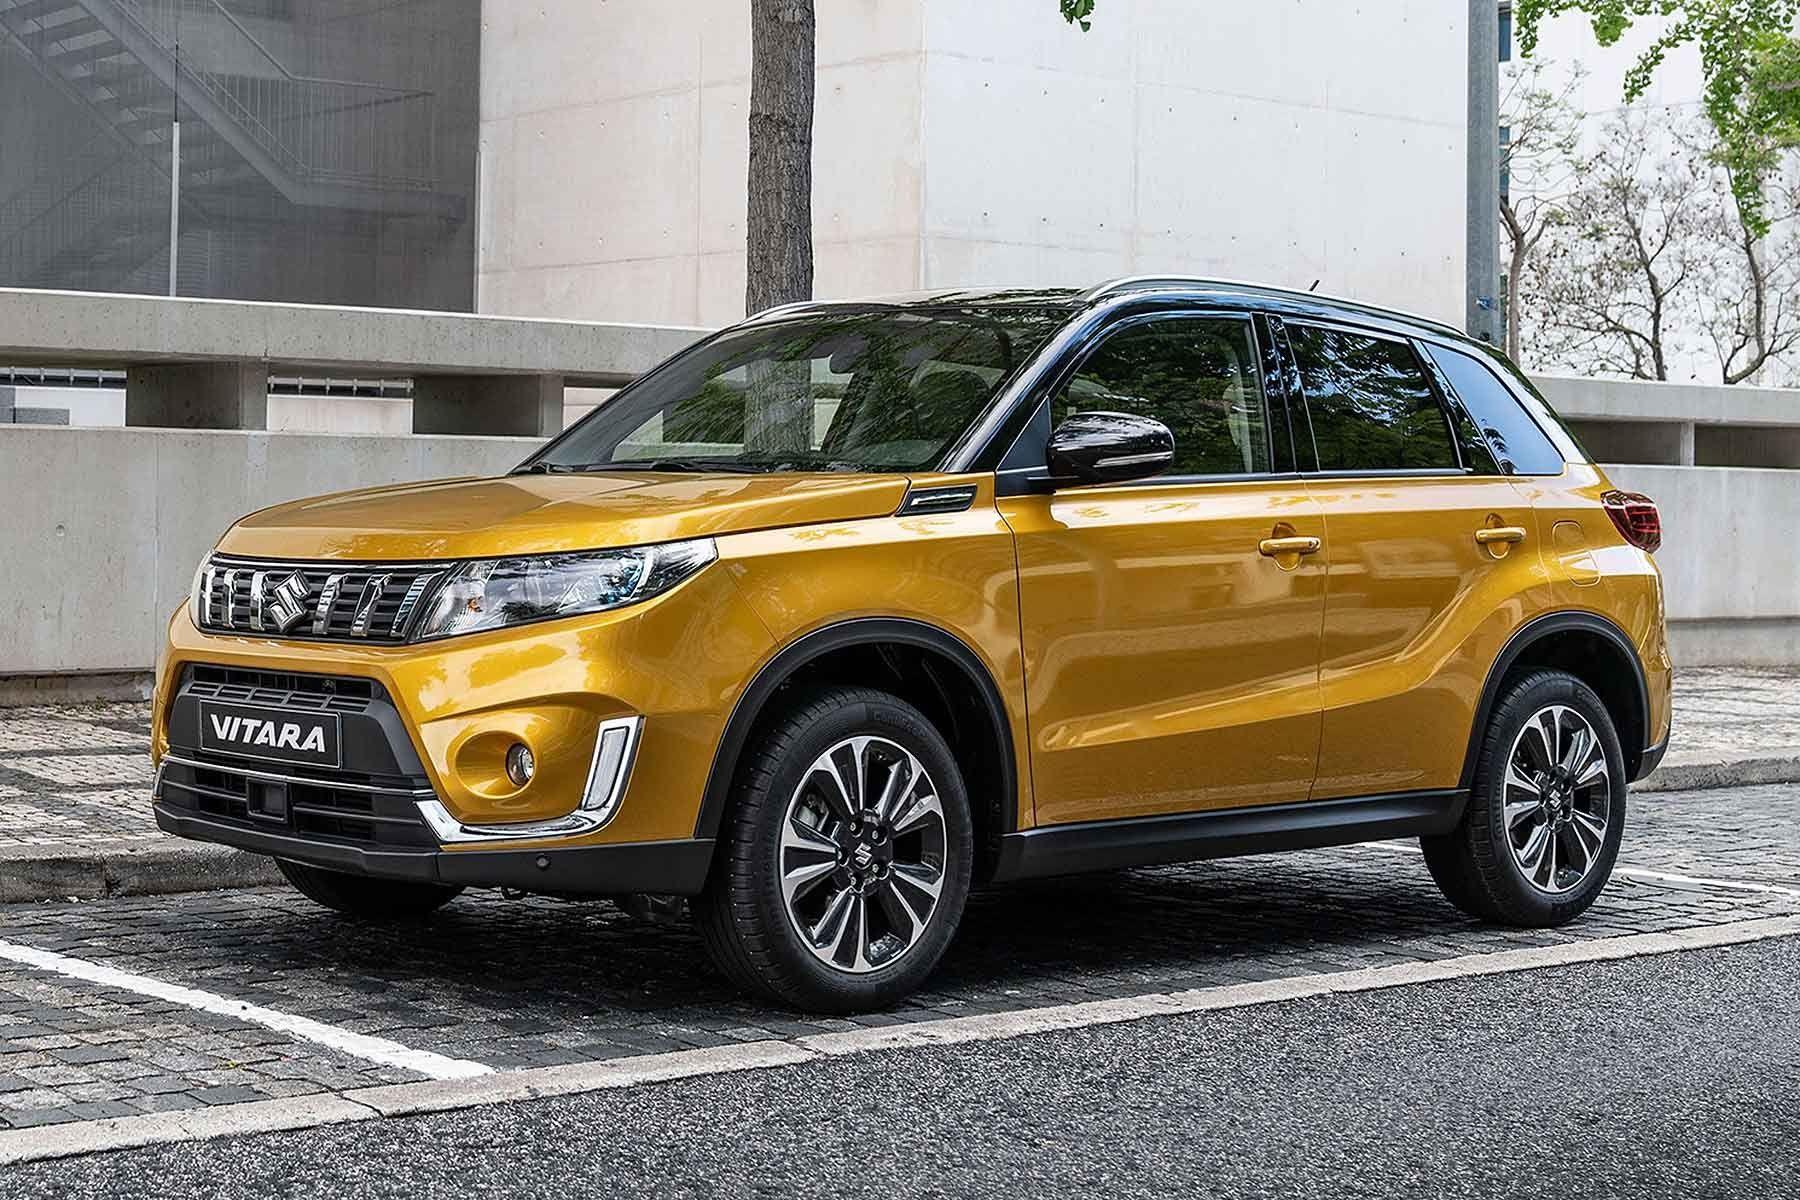 Suzuki Vitara 2019 Update Overview From Updated Suzuki Vitara